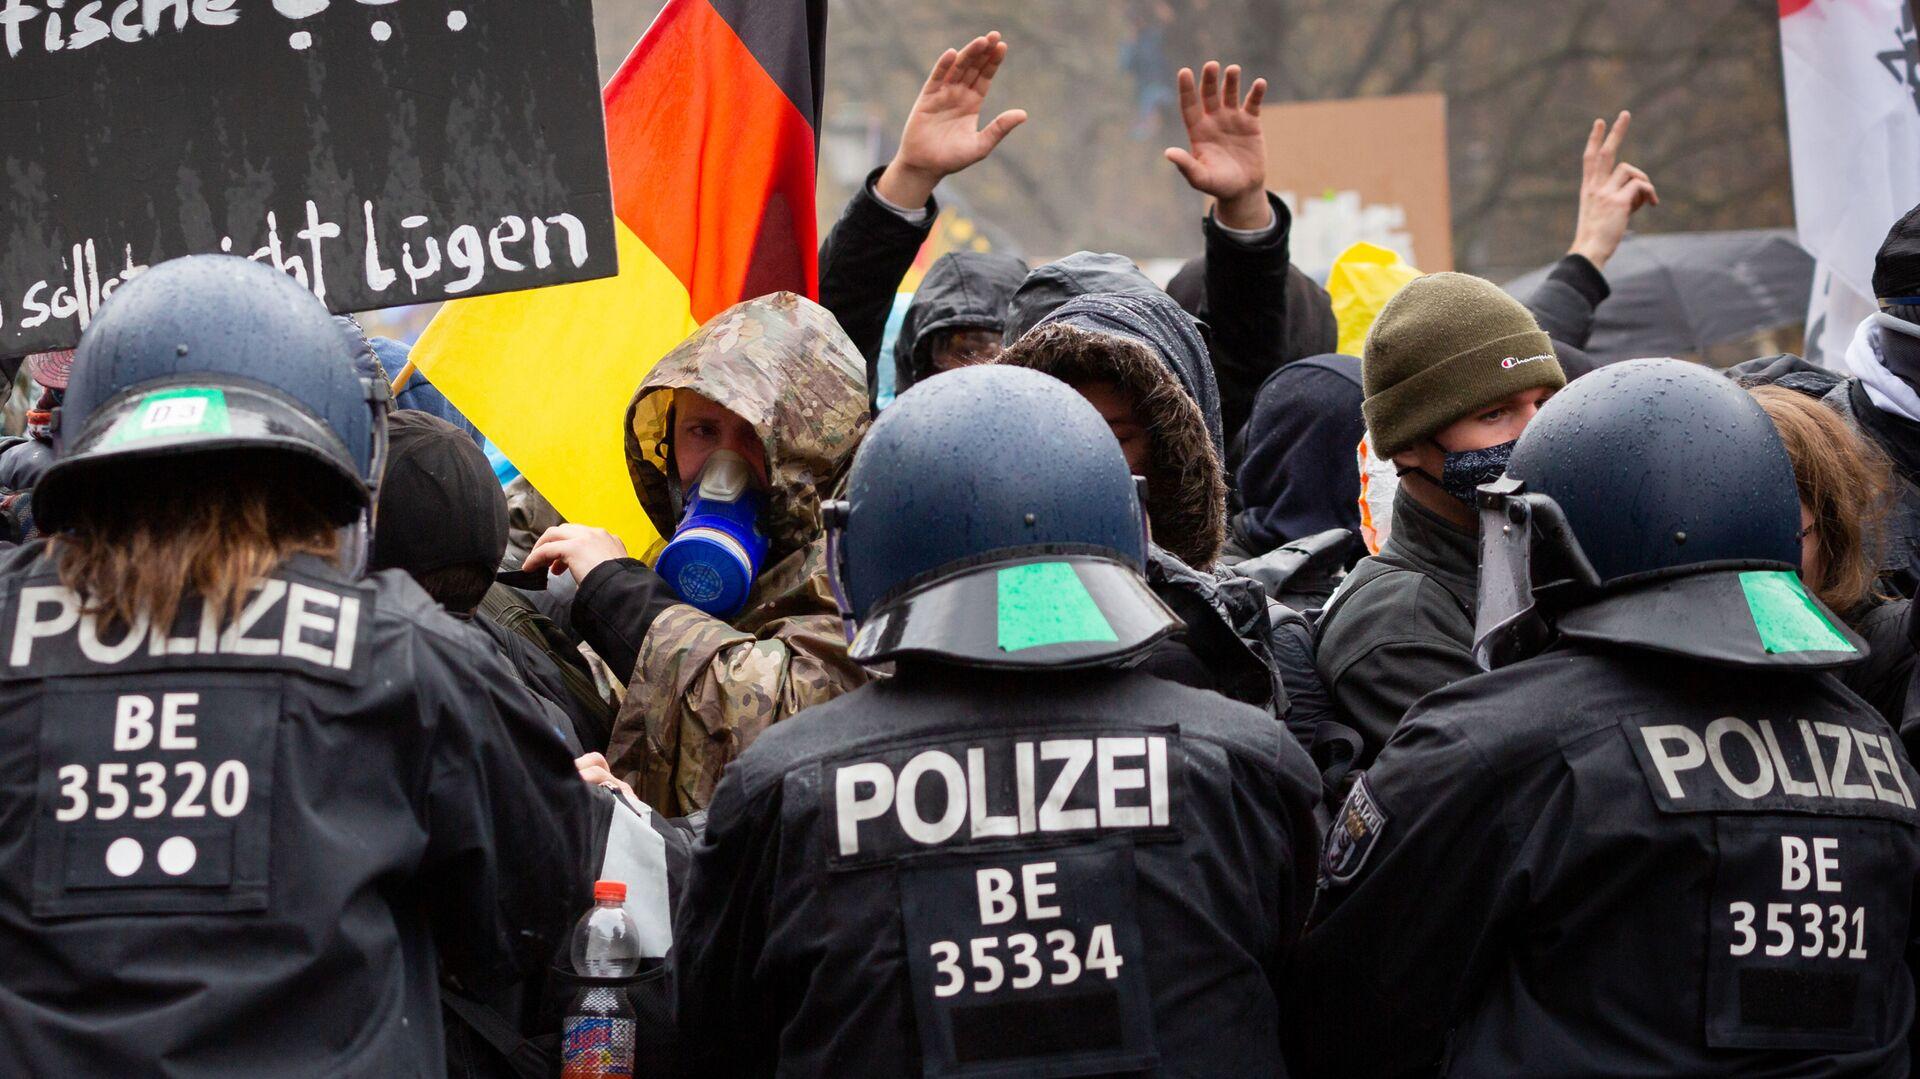 Scontri tra polizia e manifestanti durante le proteste anti-Covid in Germania - Sputnik Italia, 1920, 21.04.2021